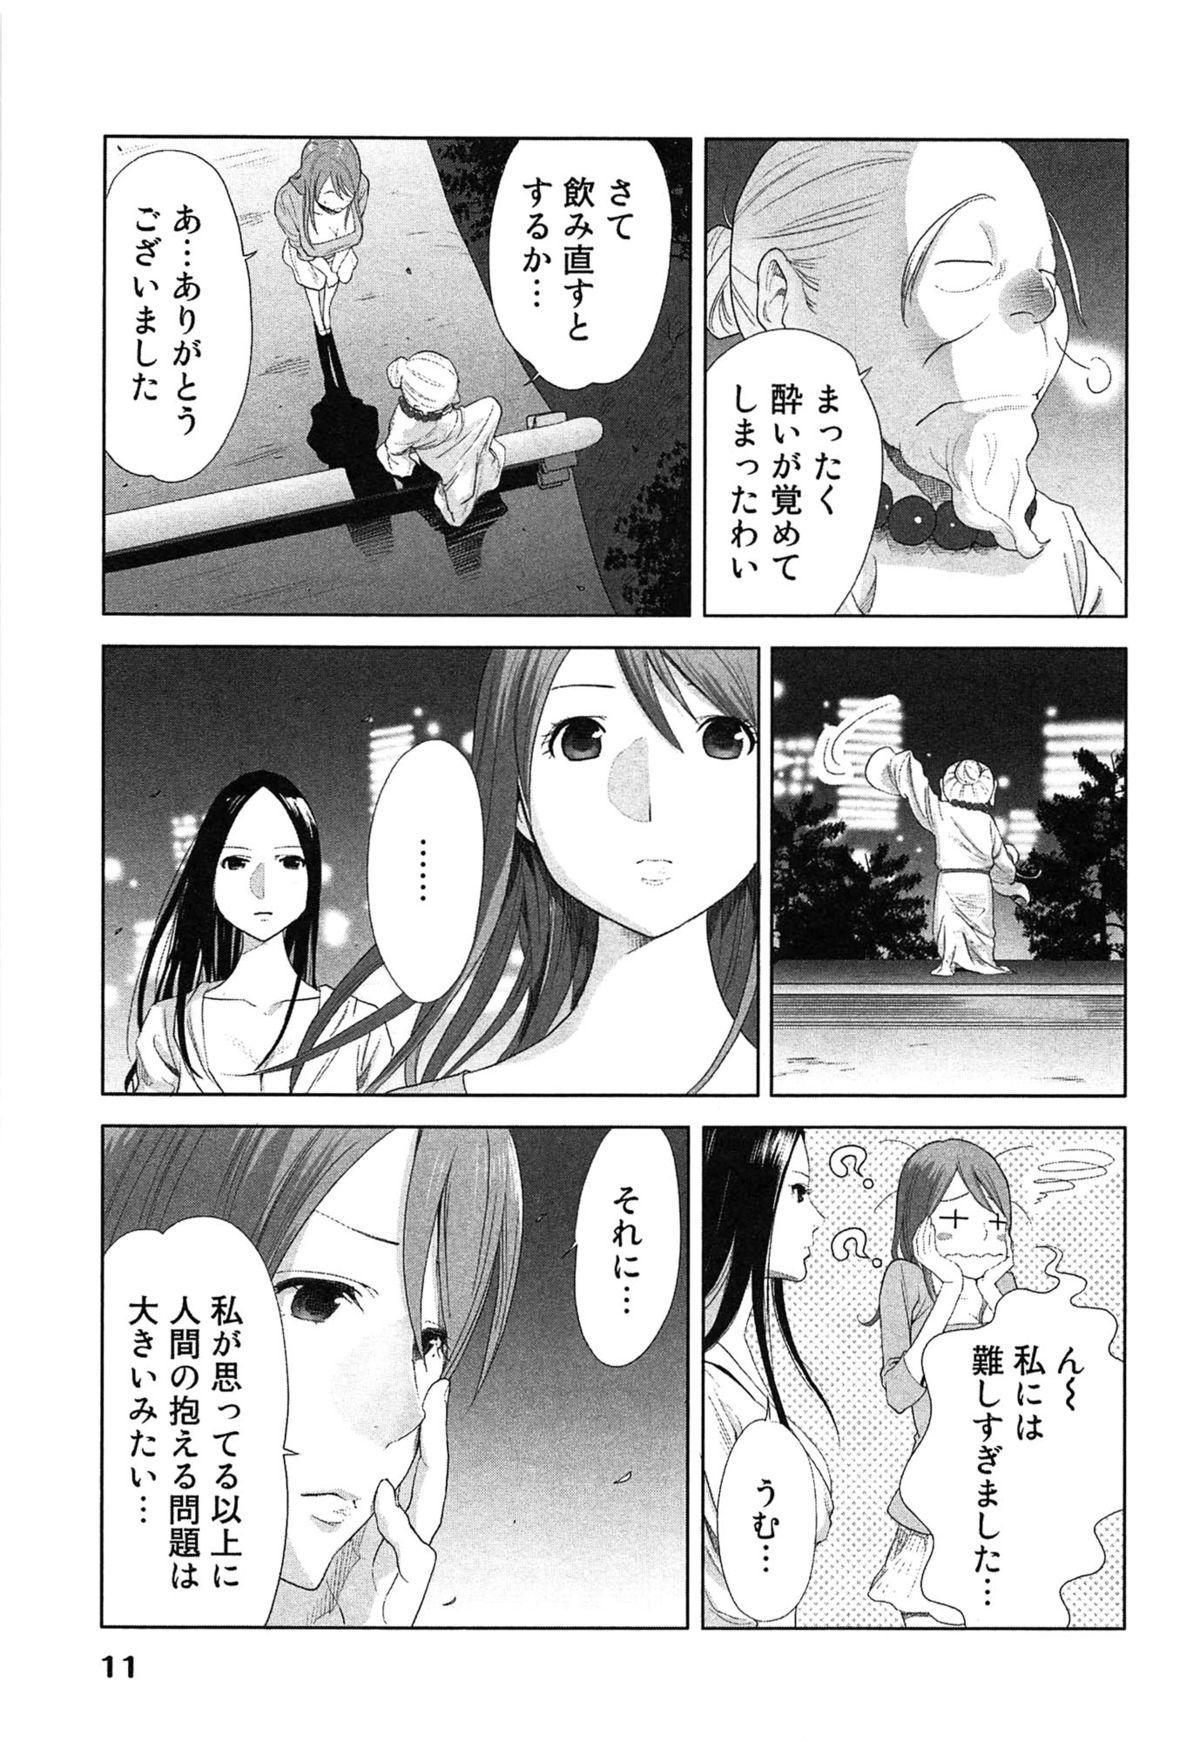 Megami to Ichinen Kura Shite Mita. 2 14